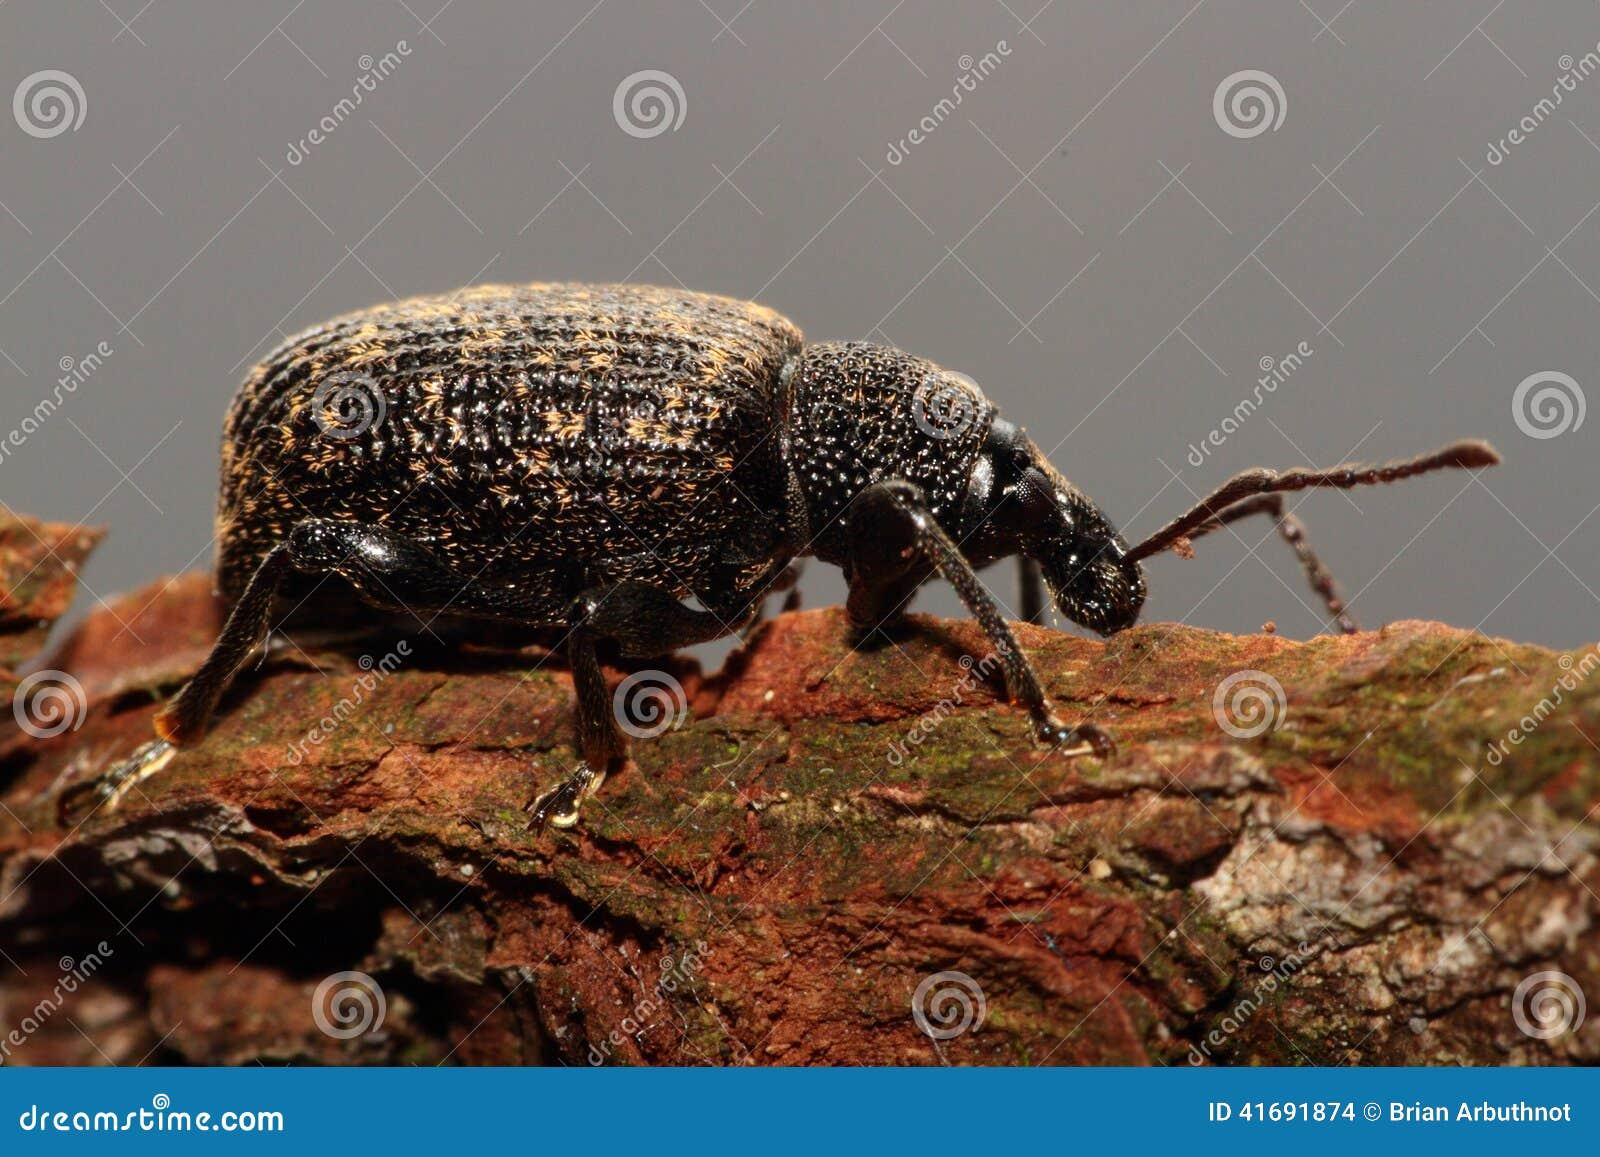 Black snout beetle.